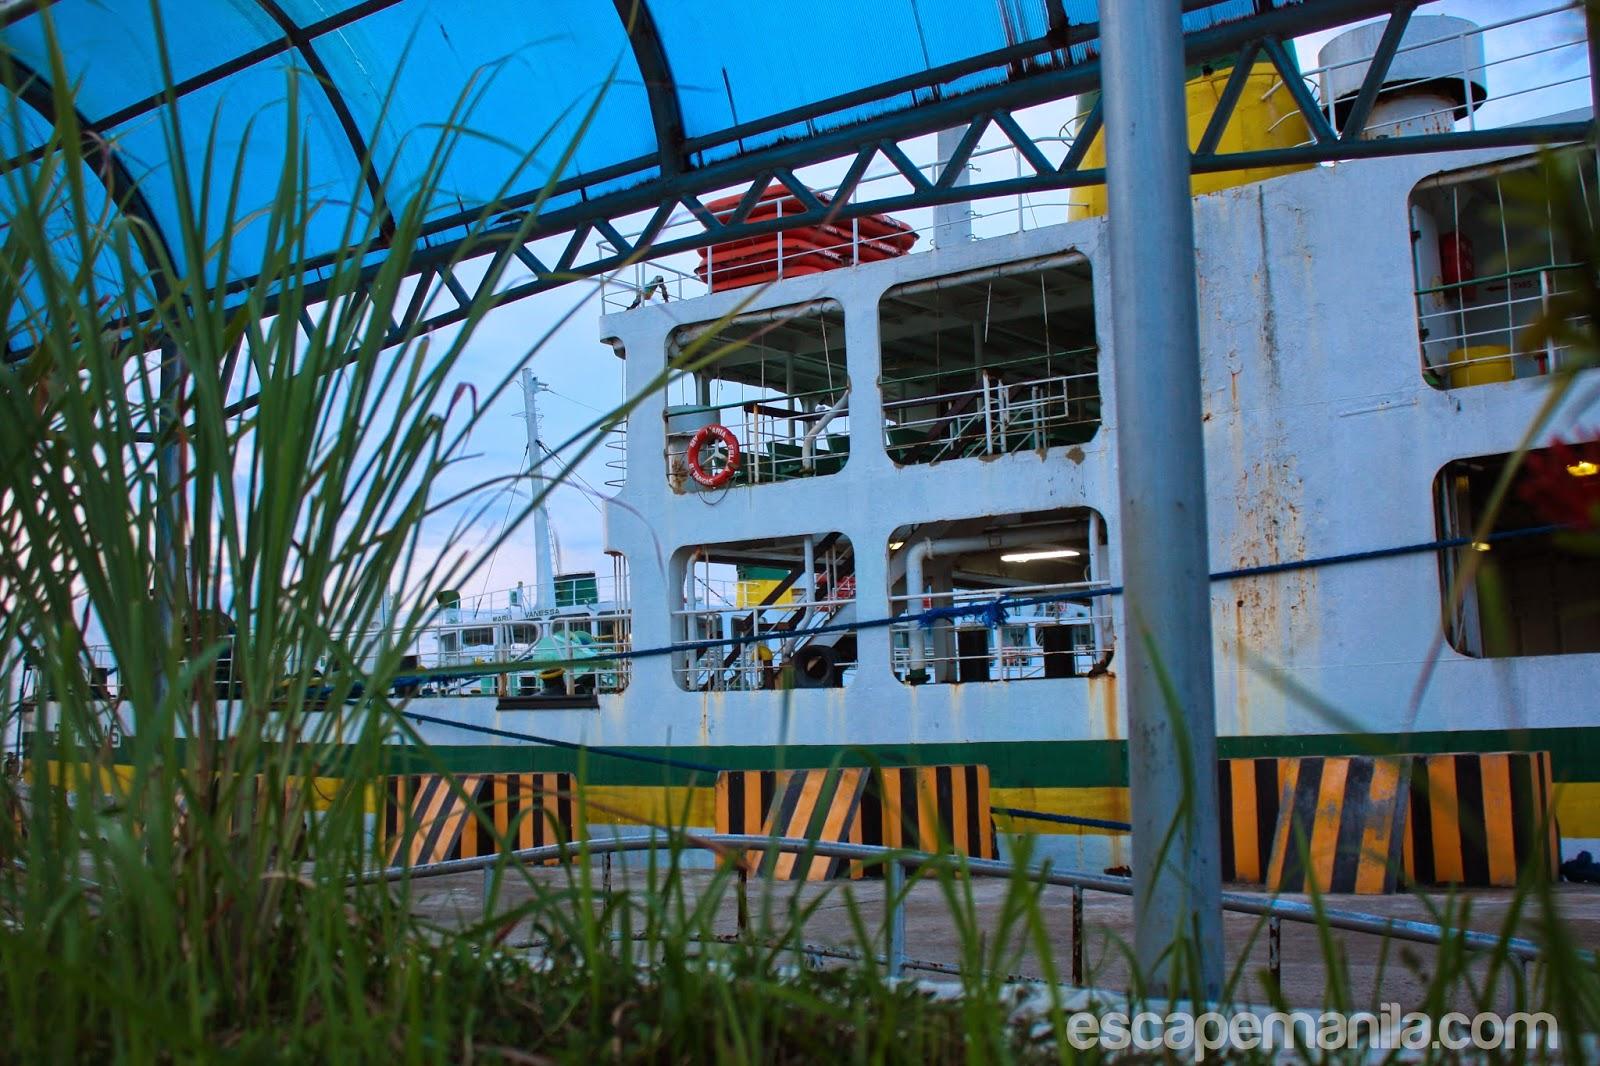 Lipata to San Ricardo ferry schedule